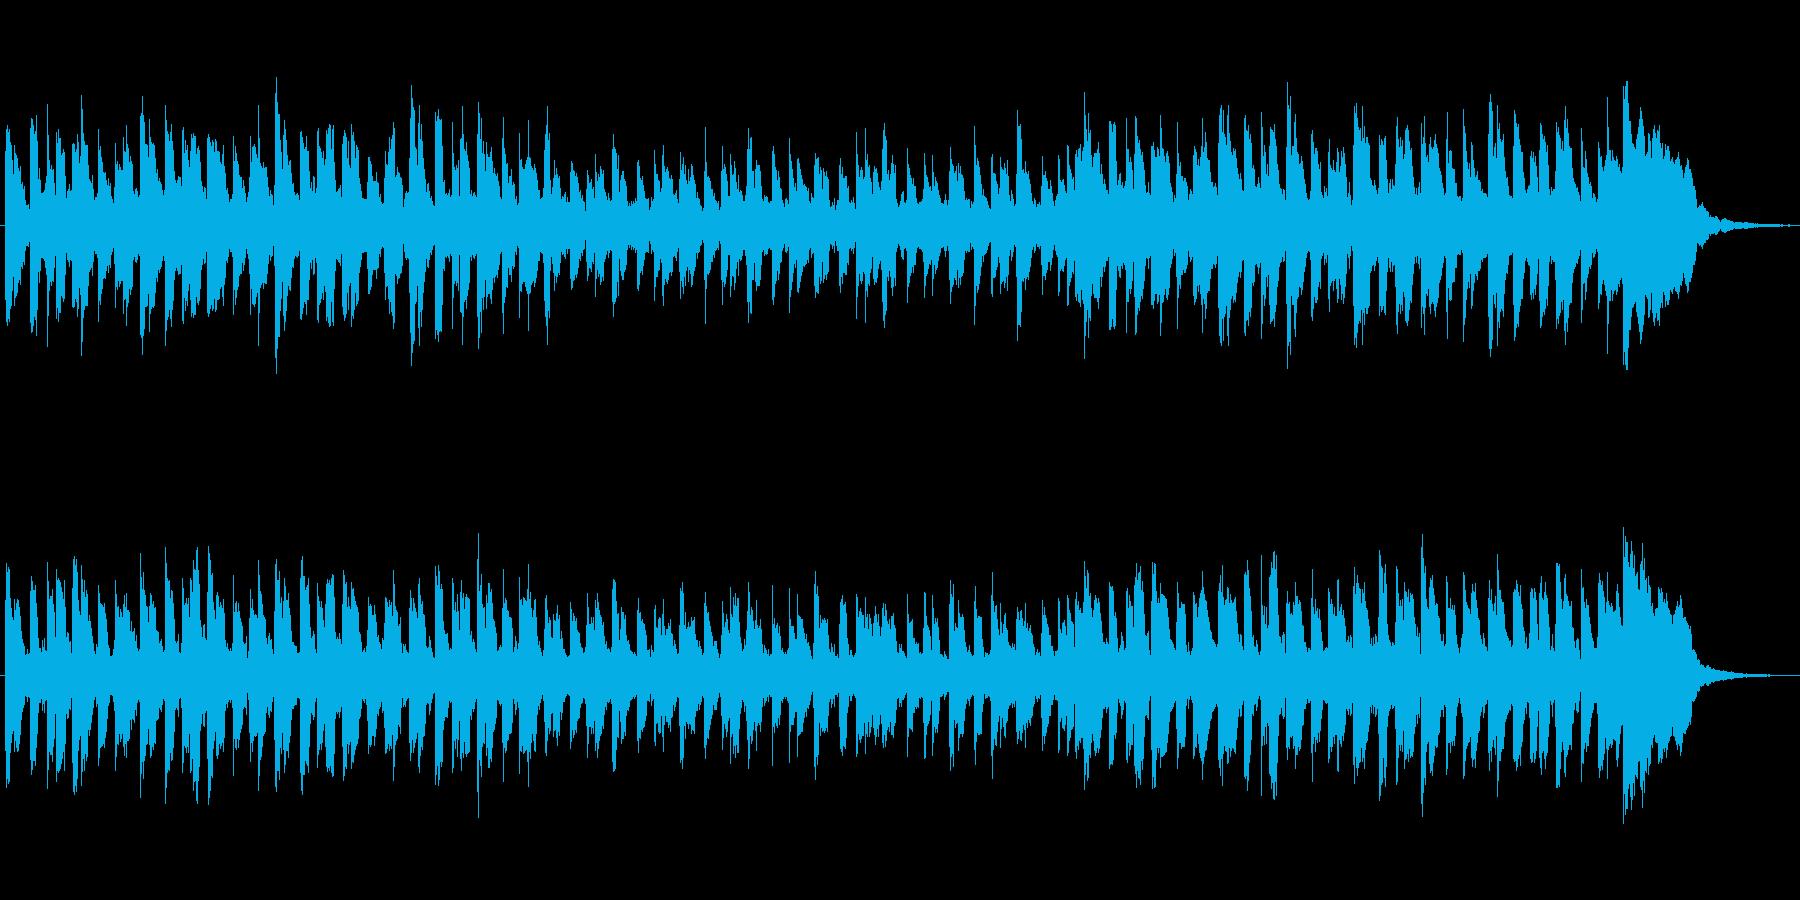 ほのぼのとした雰囲気のジングルの再生済みの波形